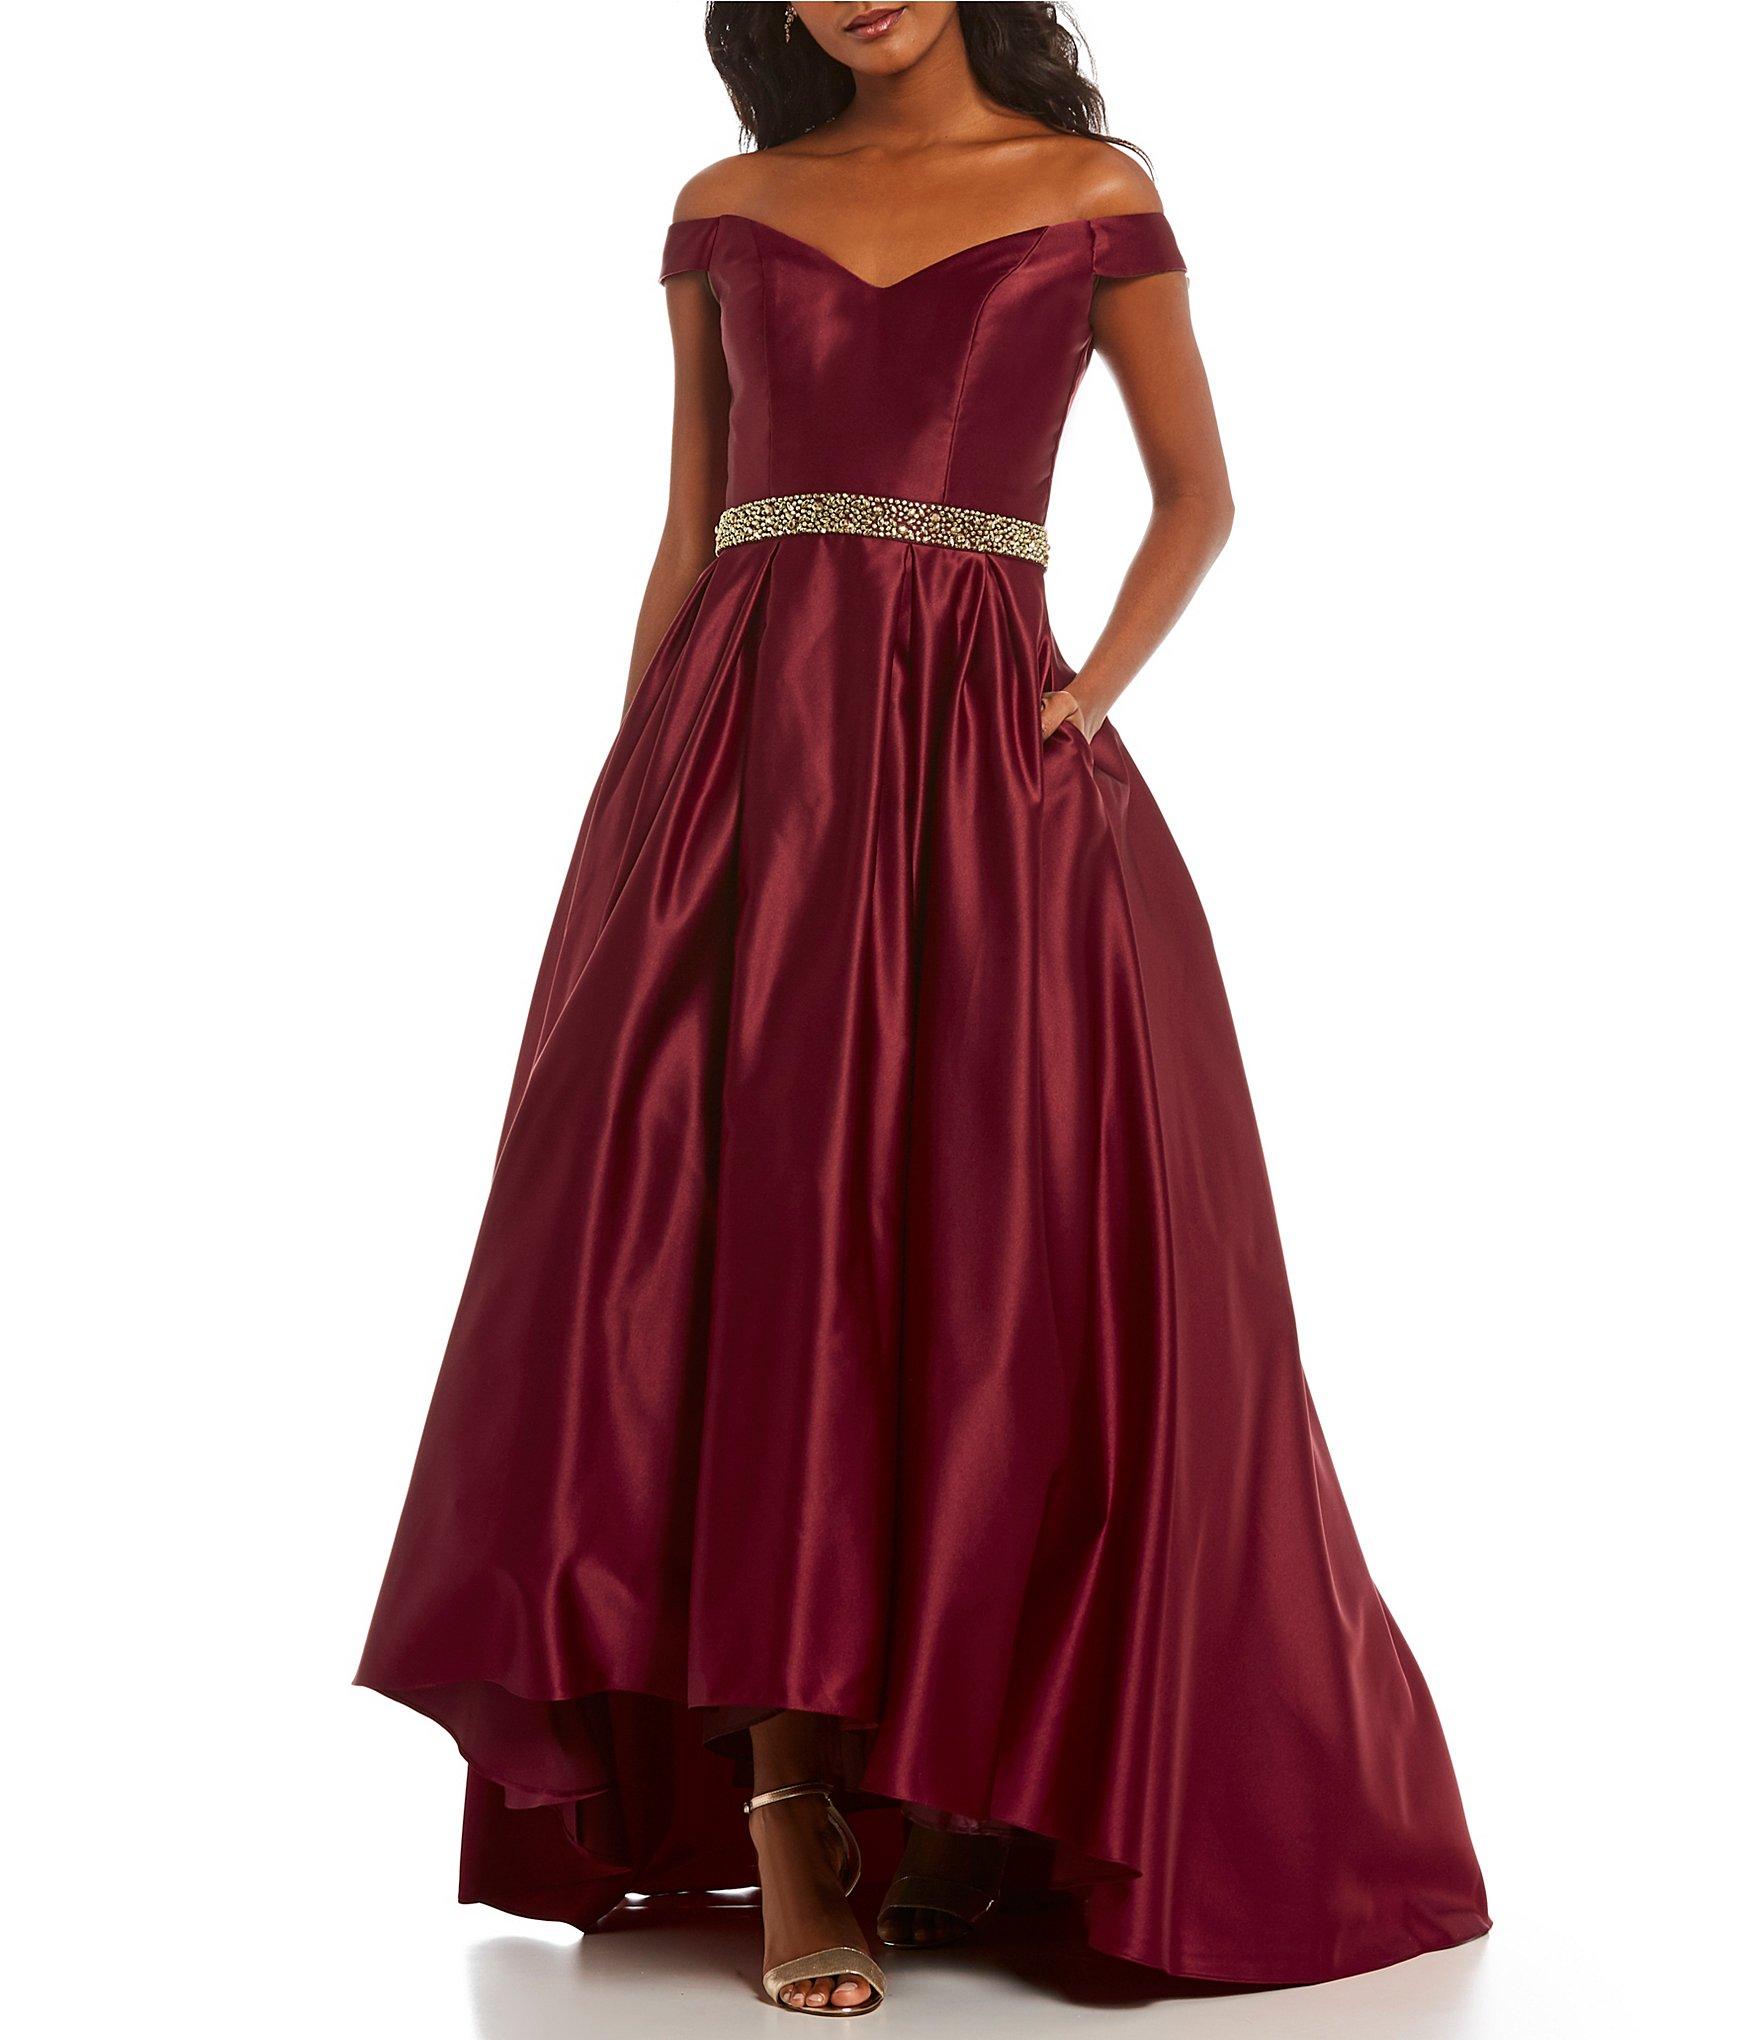 Red evening dress off shoulder 5 8 18